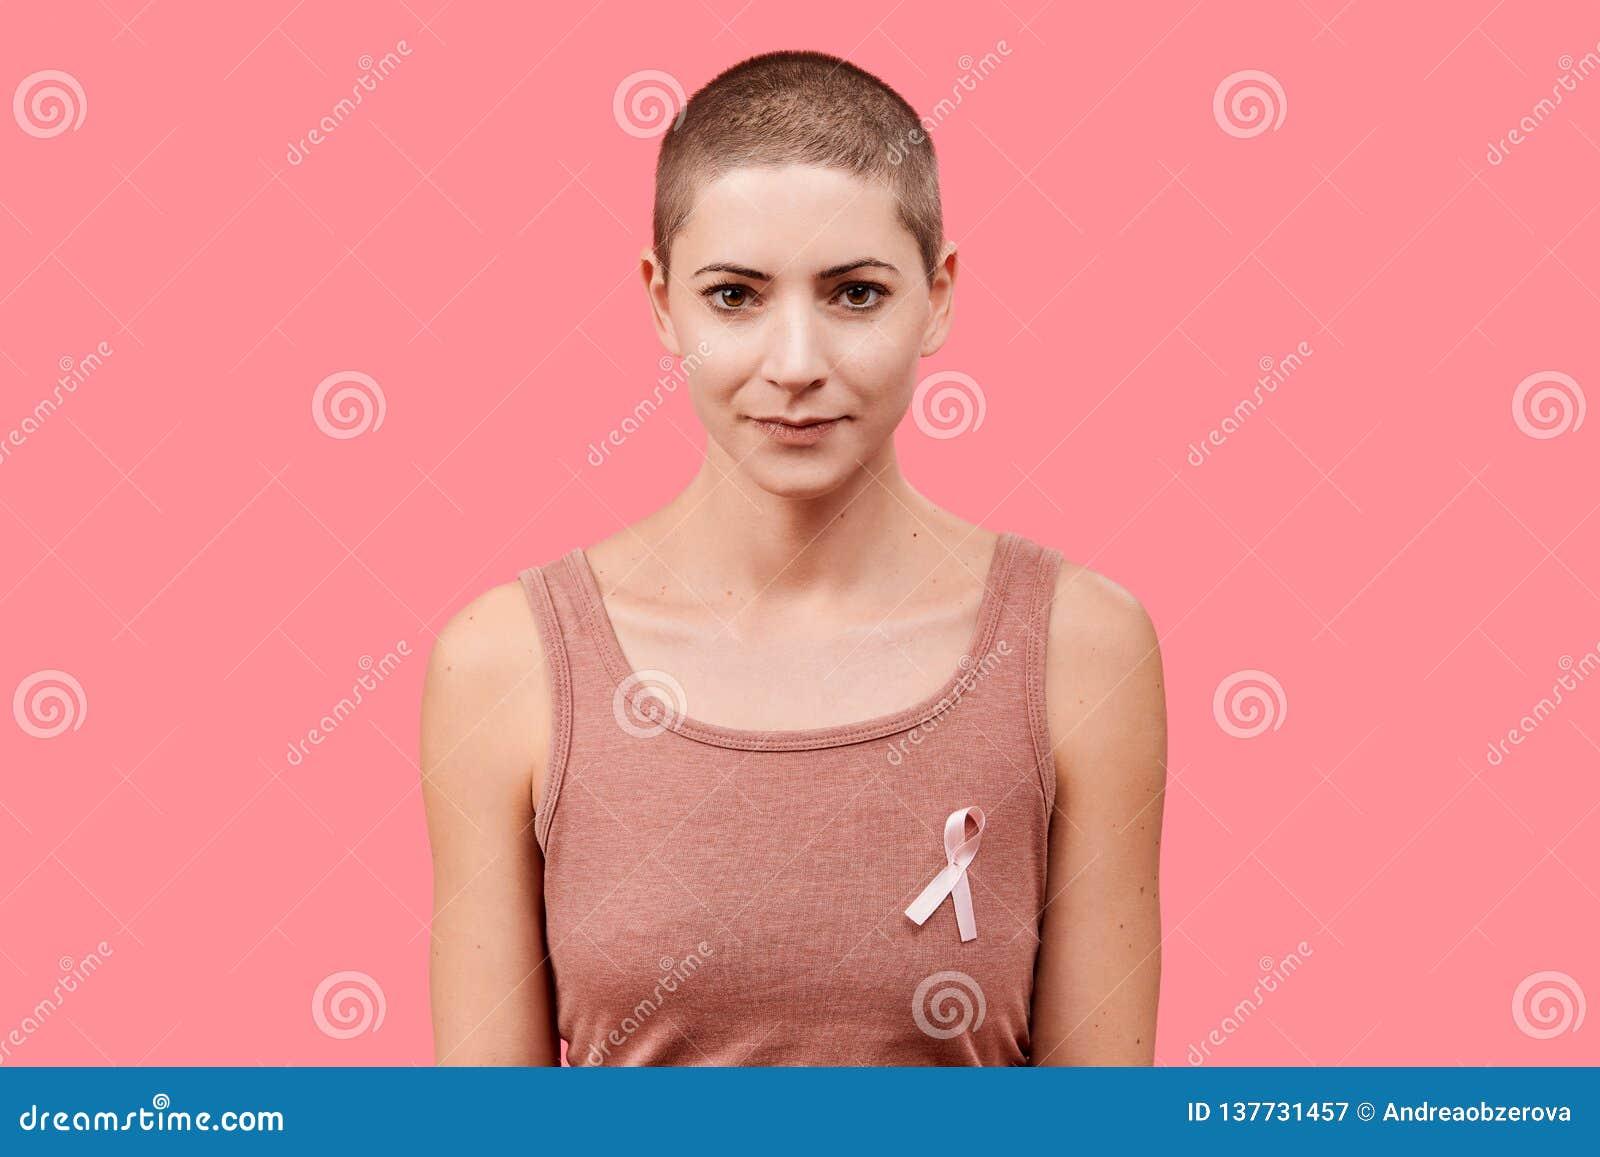 Mediados de 30s mujer sonriente, superviviente del cáncer, cinta rosada de la conciencia del cáncer de pecho que lleva, aislada s